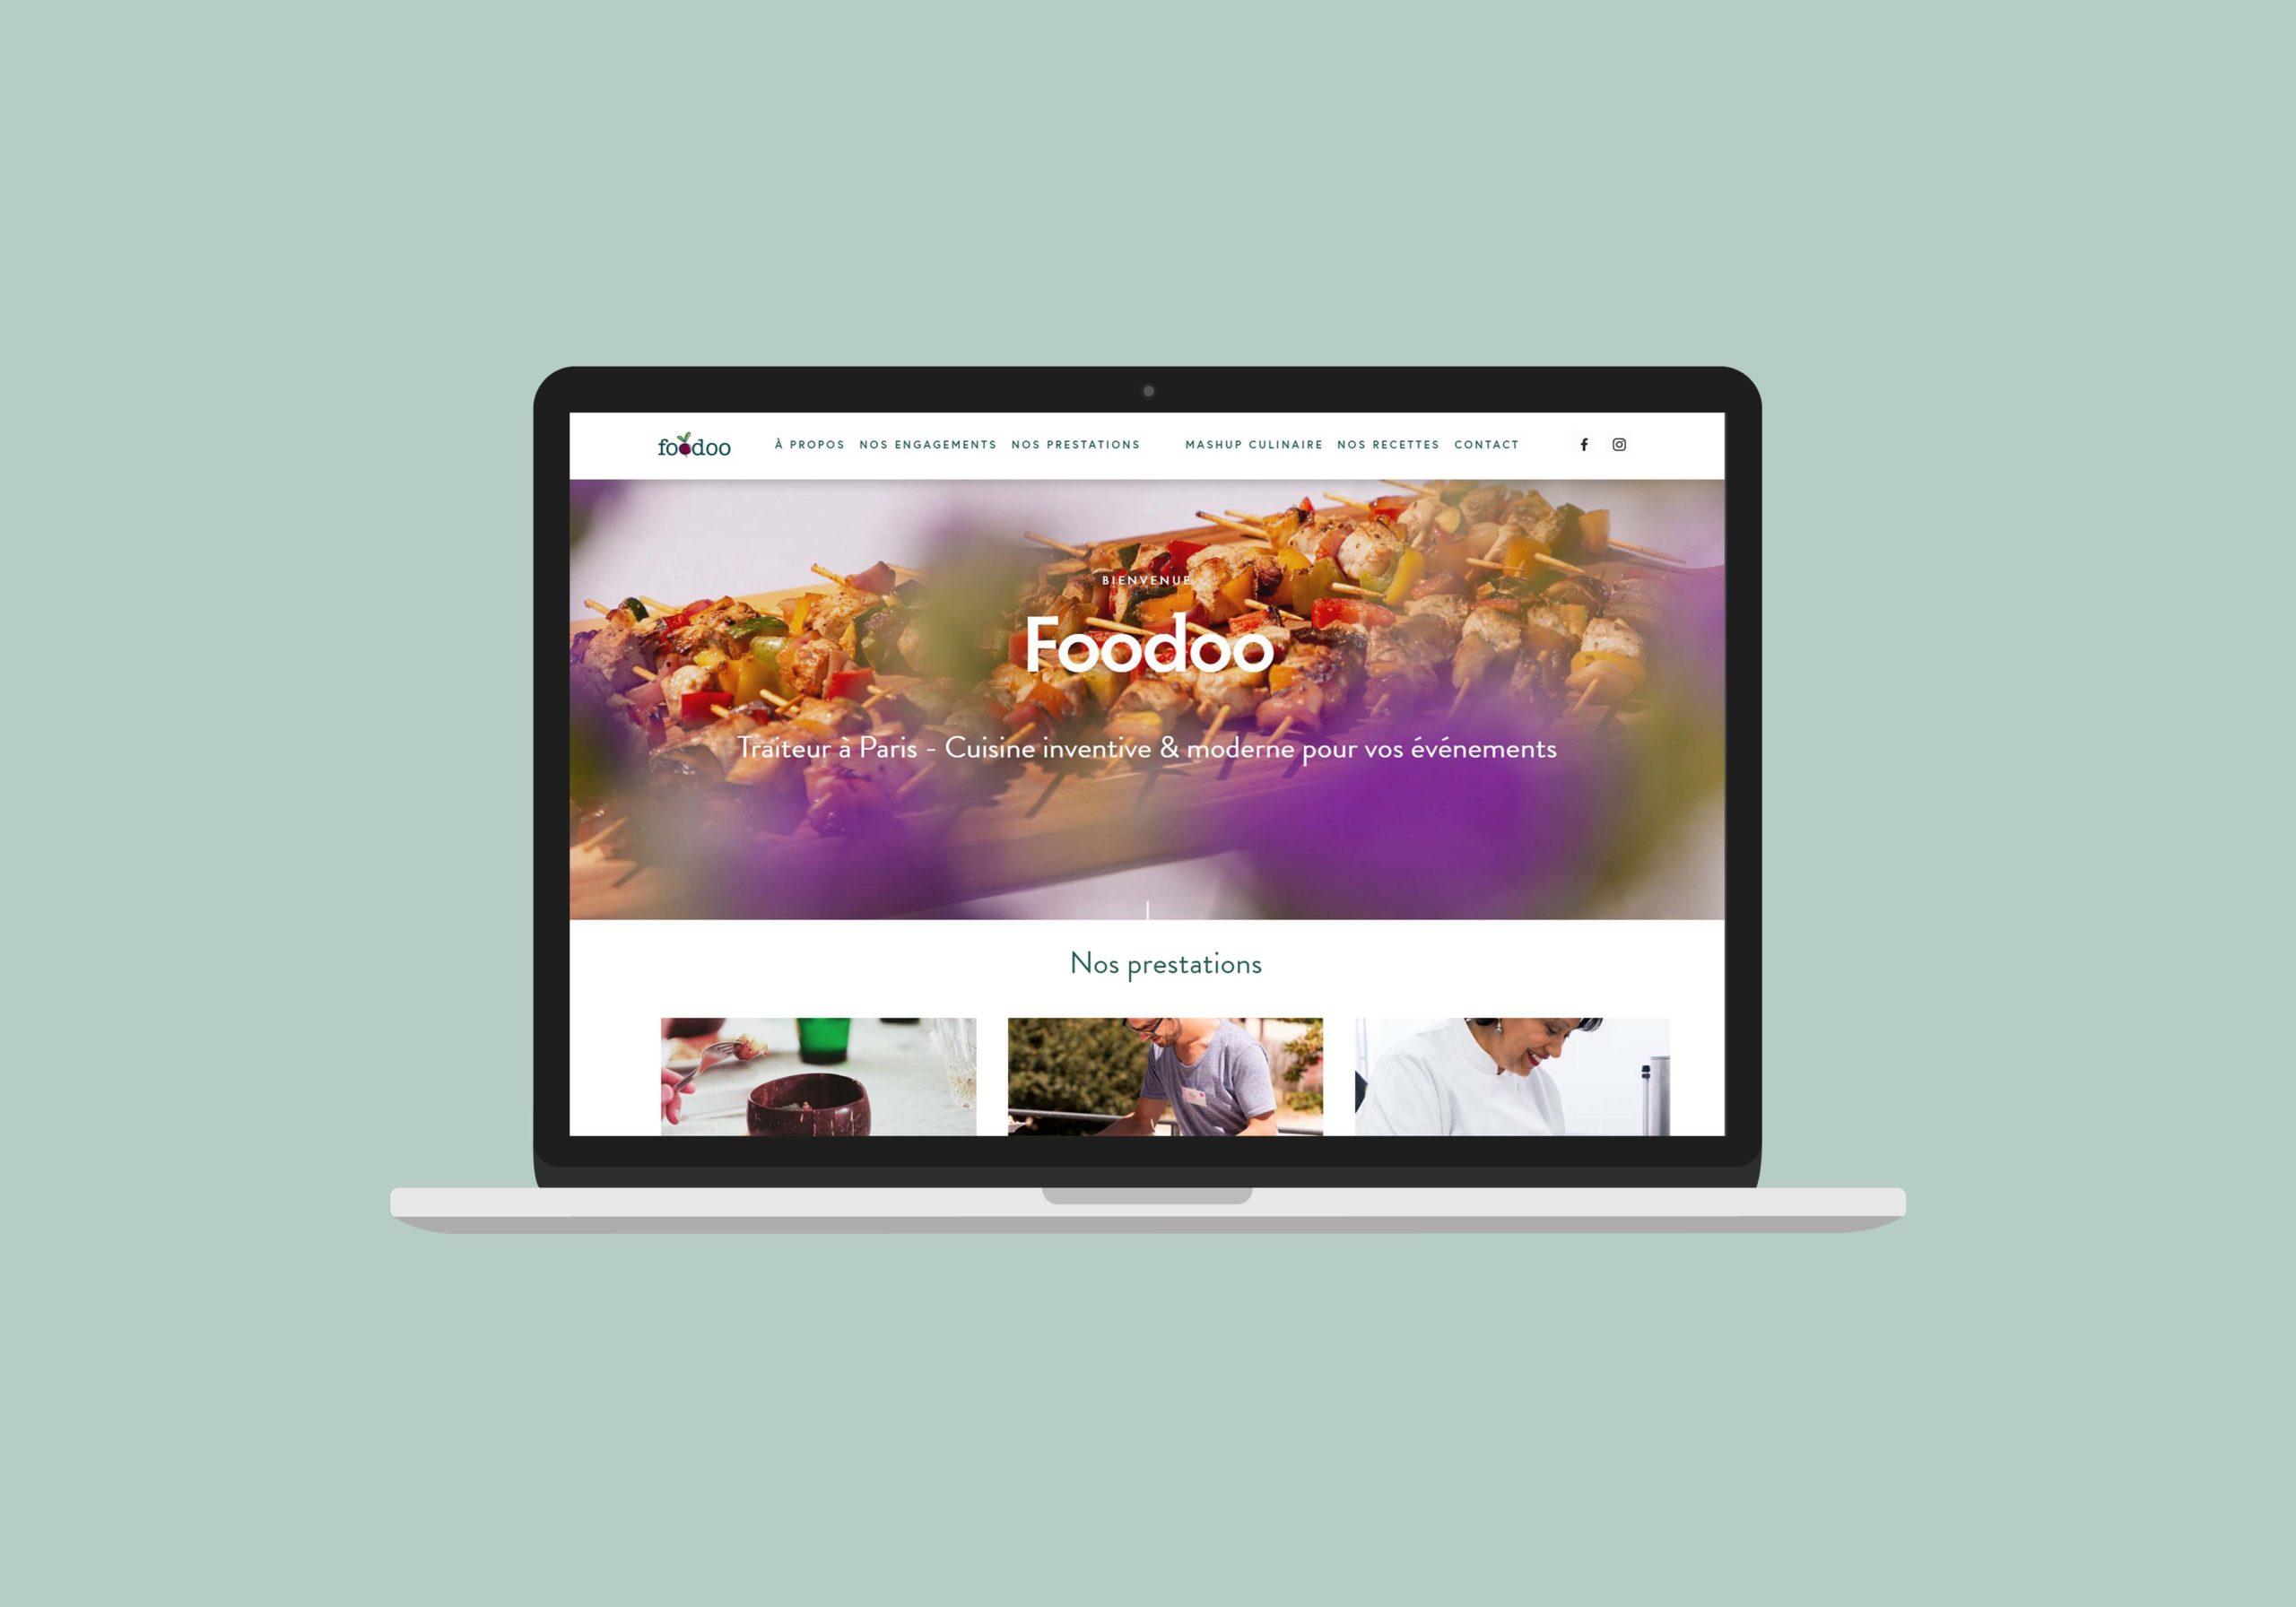 foodoo-siteinternet-melodydursun-home